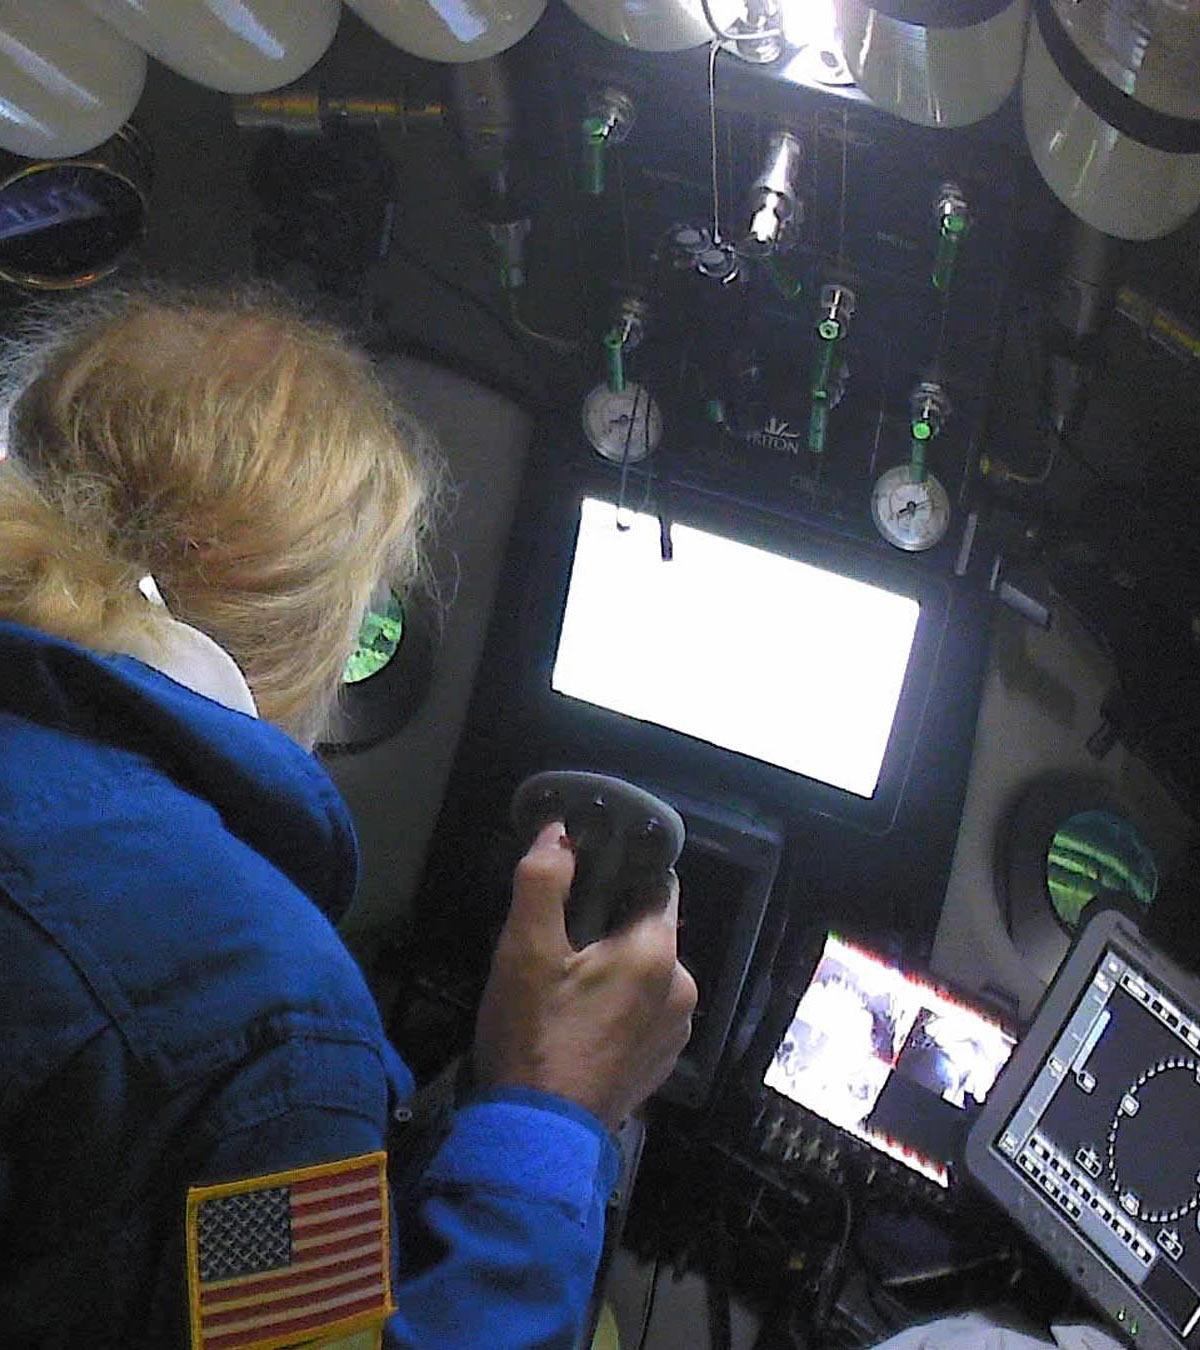 Victor Vescovo piloting the Triton 33000/2